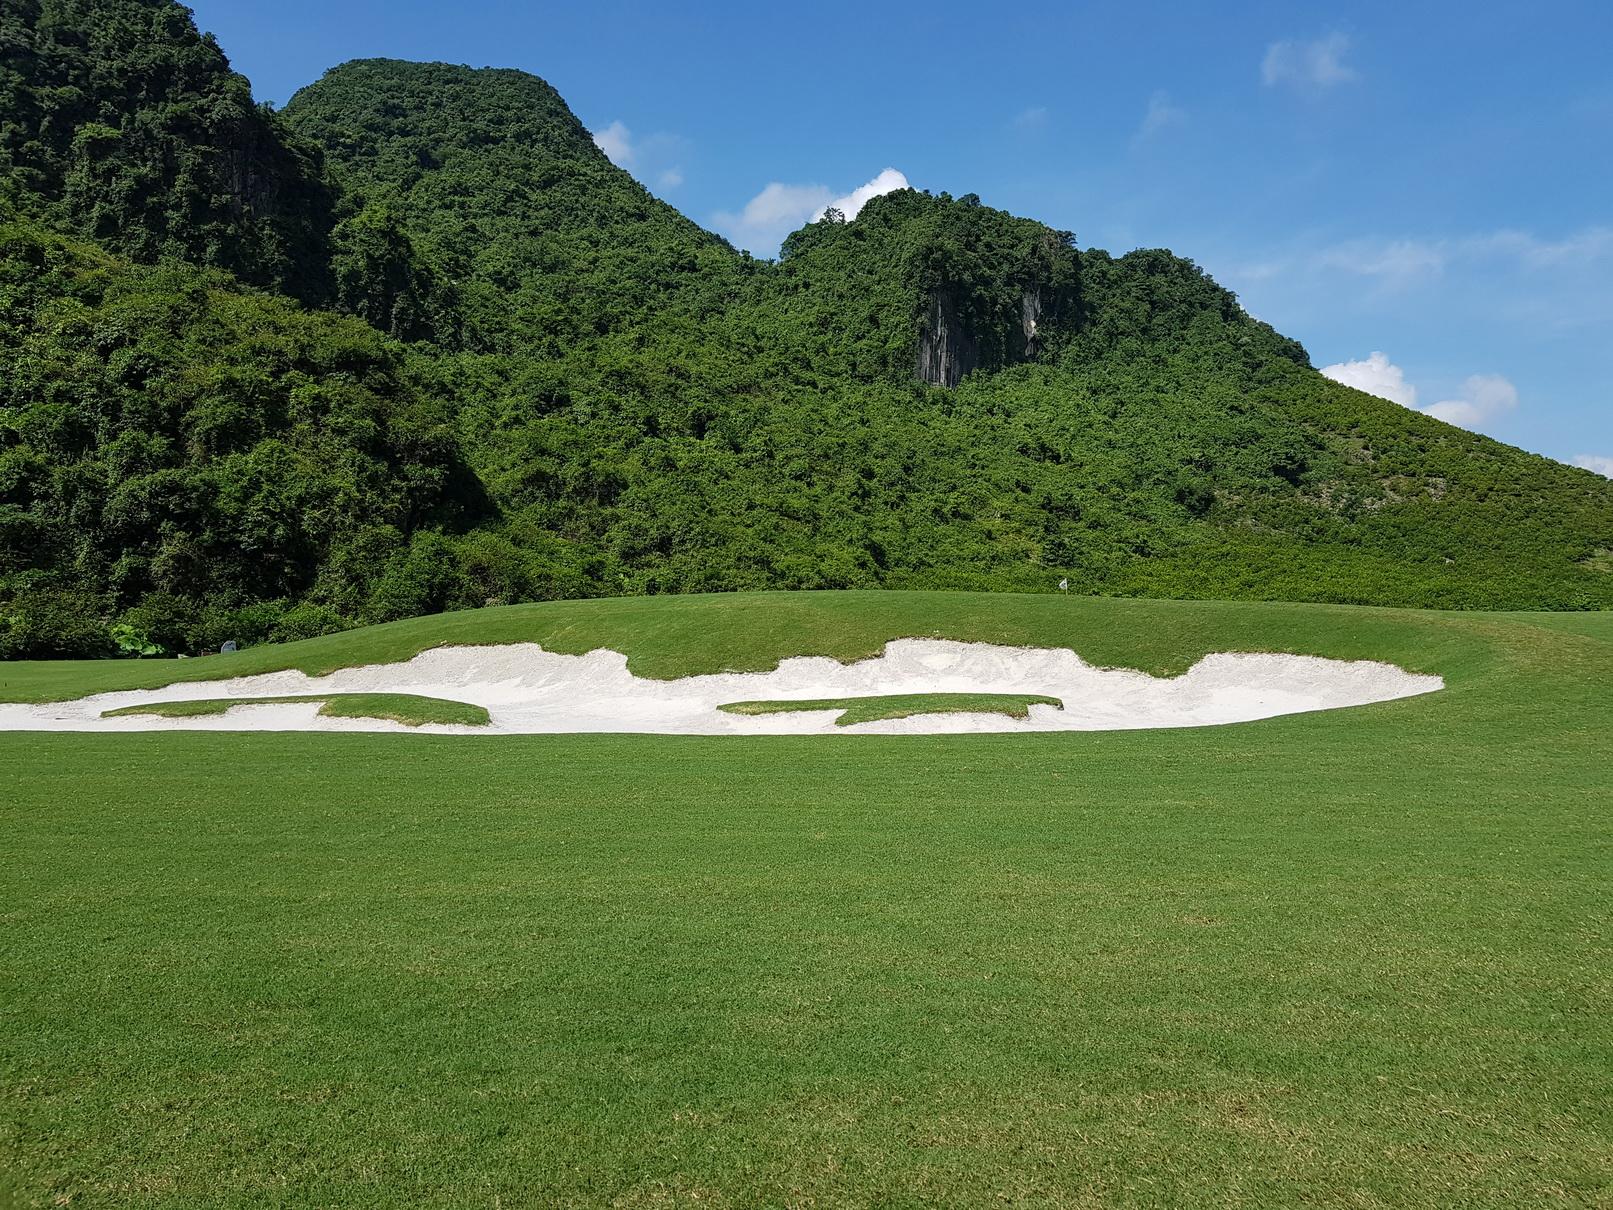 Bẫy cát tại Sân golf Kim Bảng Hà Nam